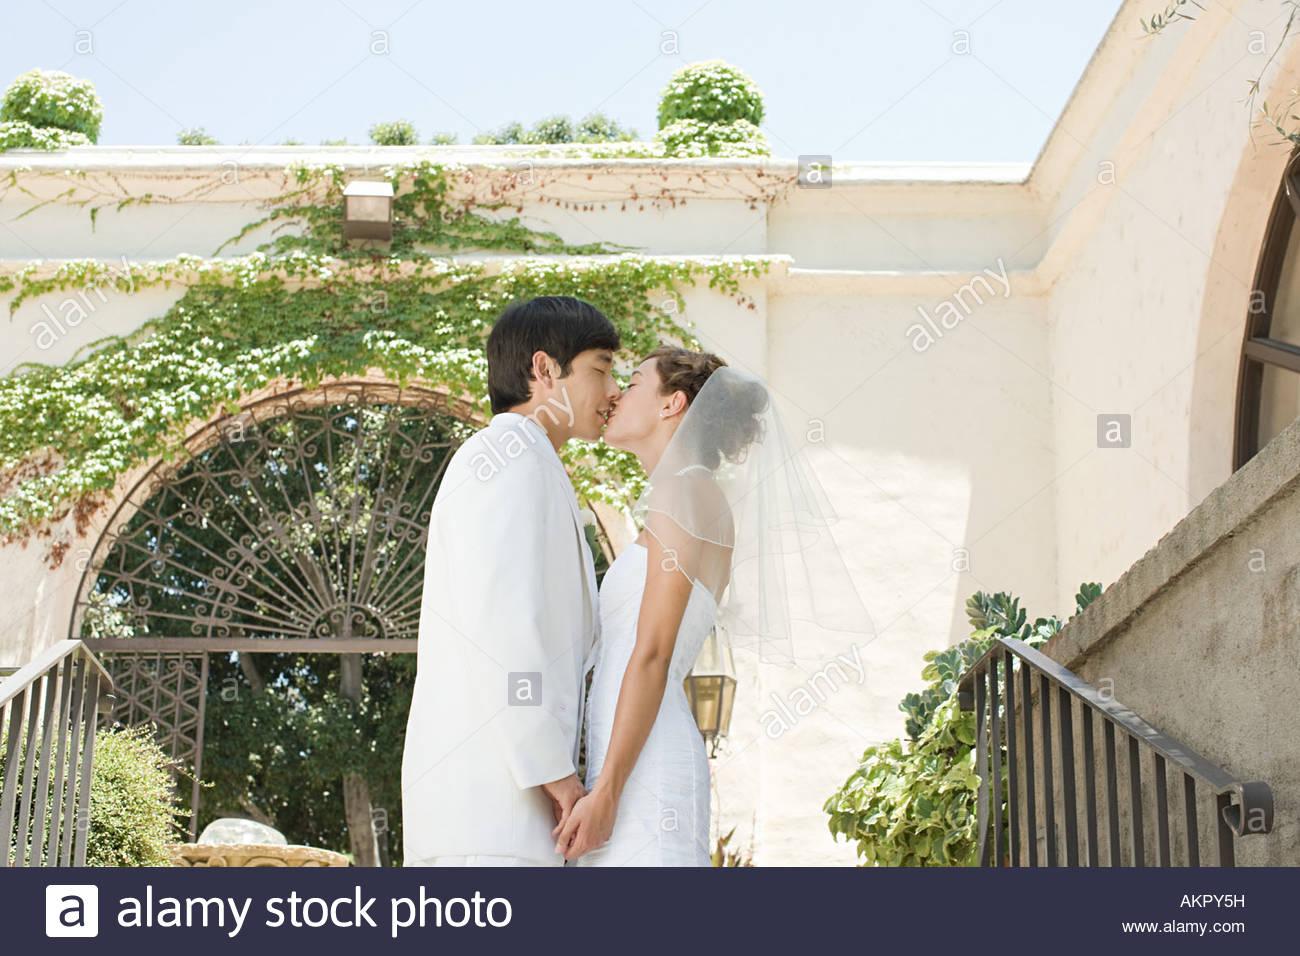 Korean Wedding Couple Stock Photos & Korean Wedding Couple ...